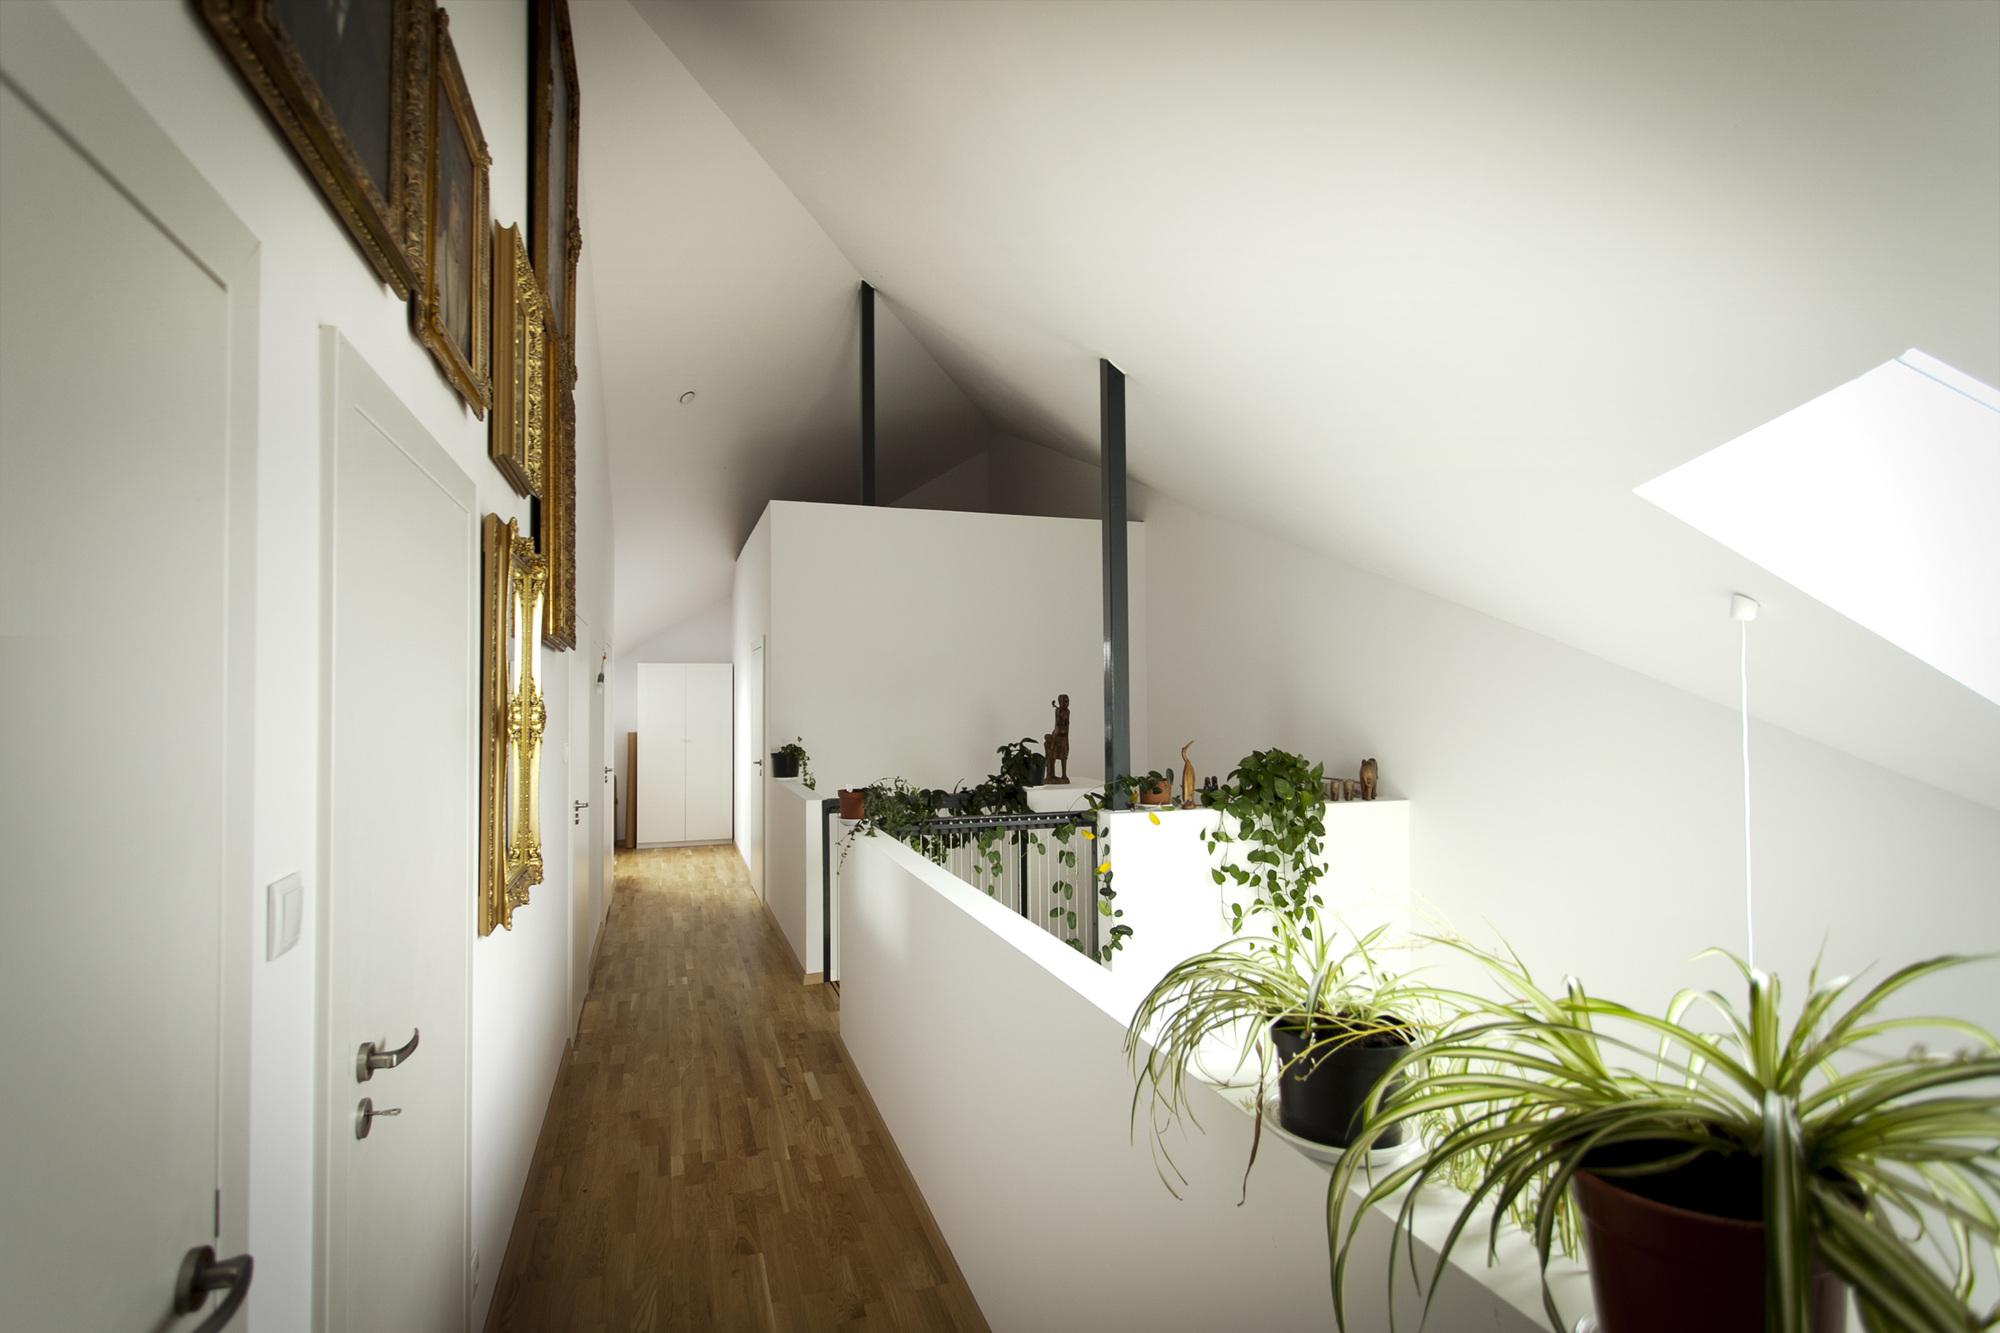 Casa 34.25° de Bartek Arendt